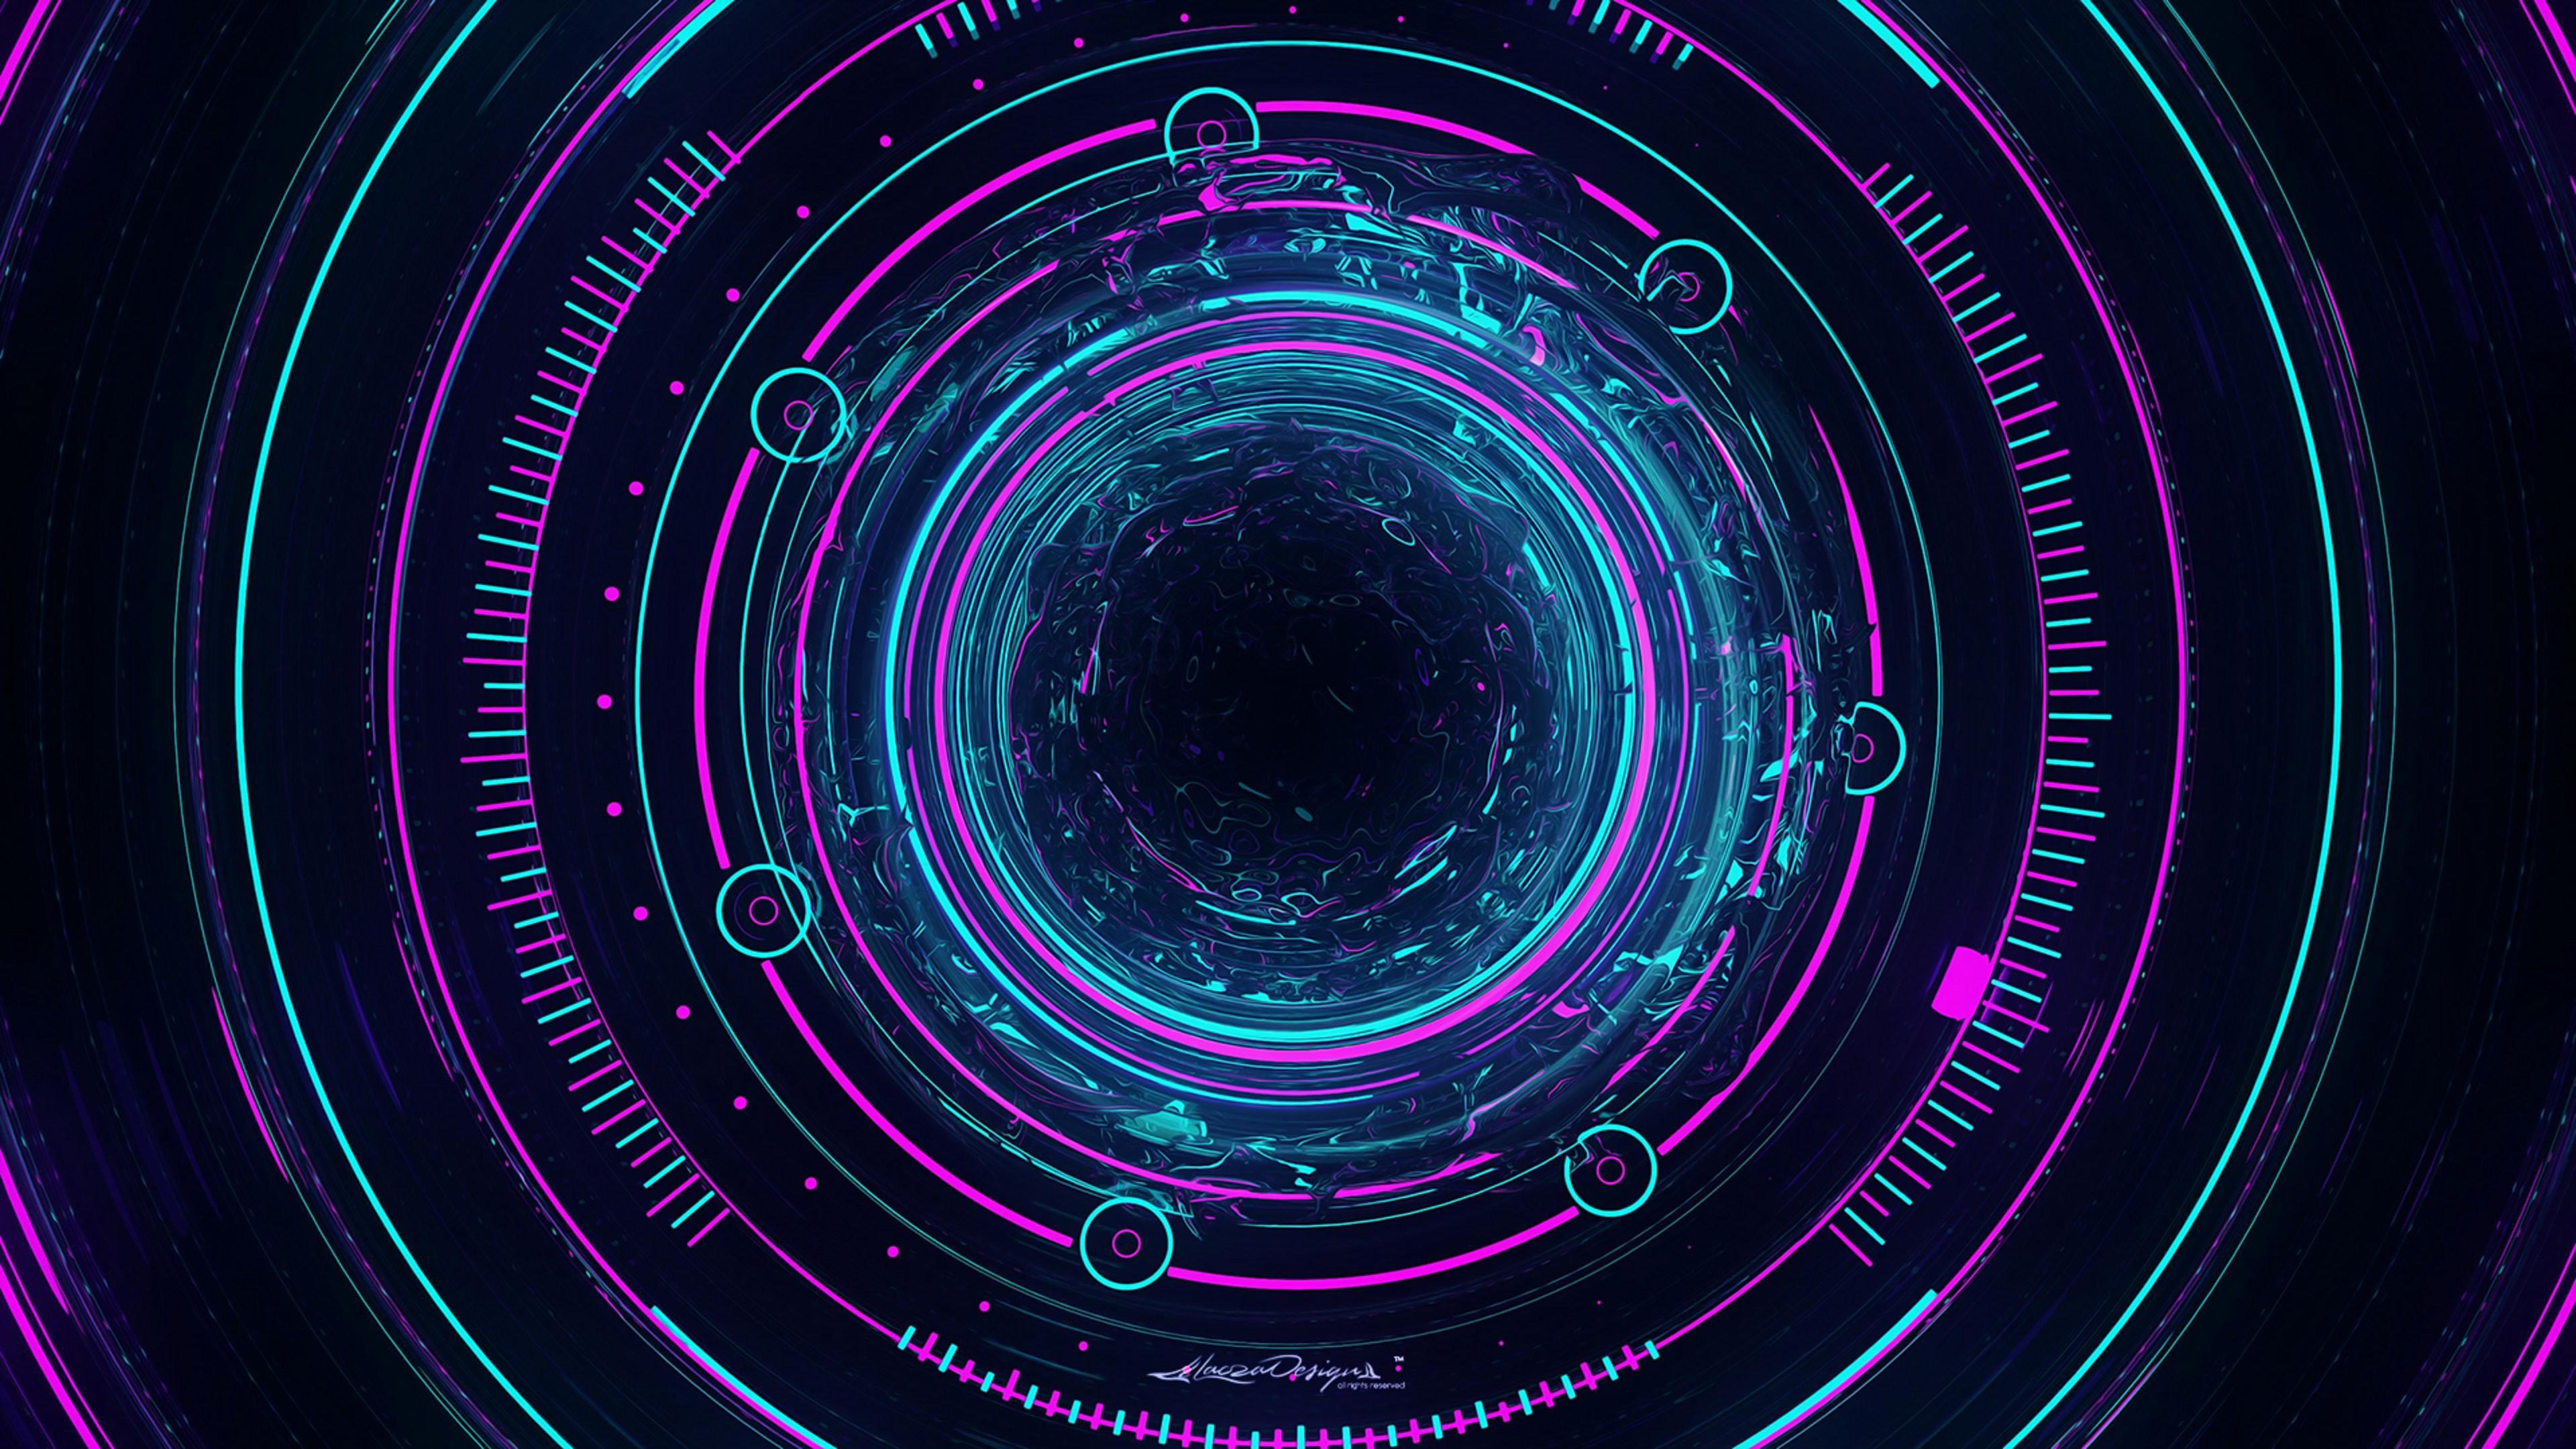 interestelar neon artwork digital 3481